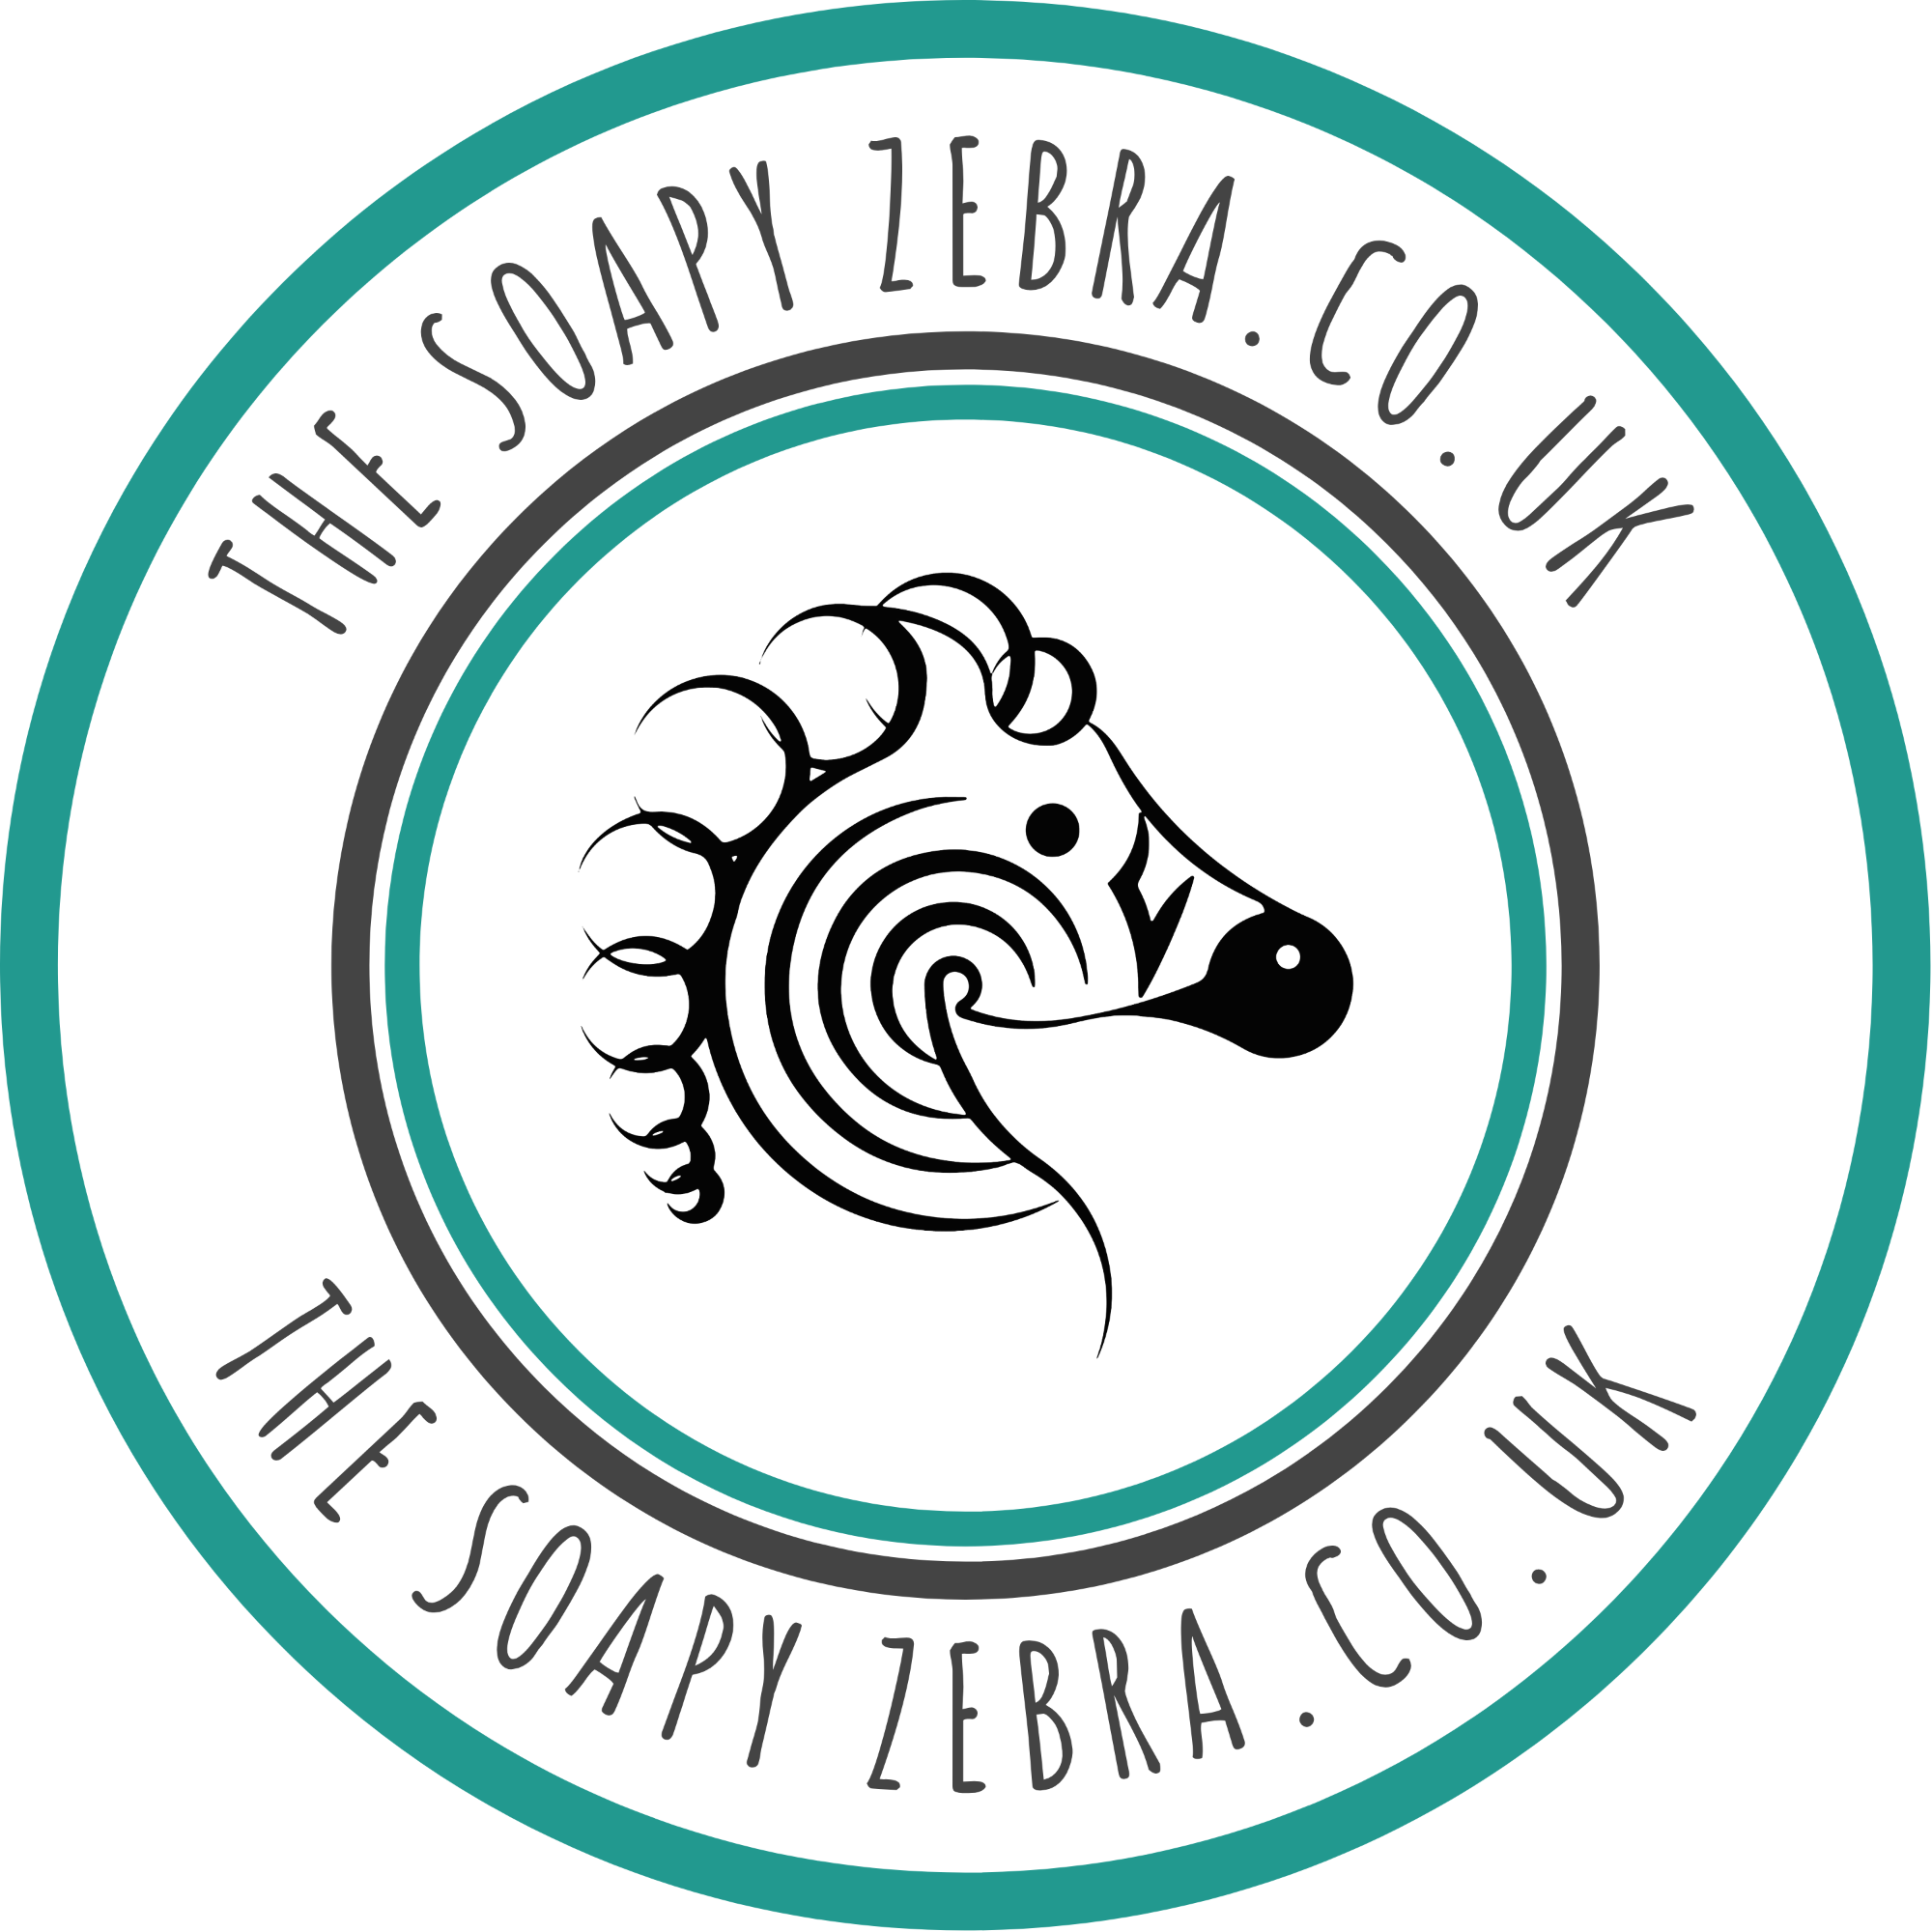 The Soapy Zebra